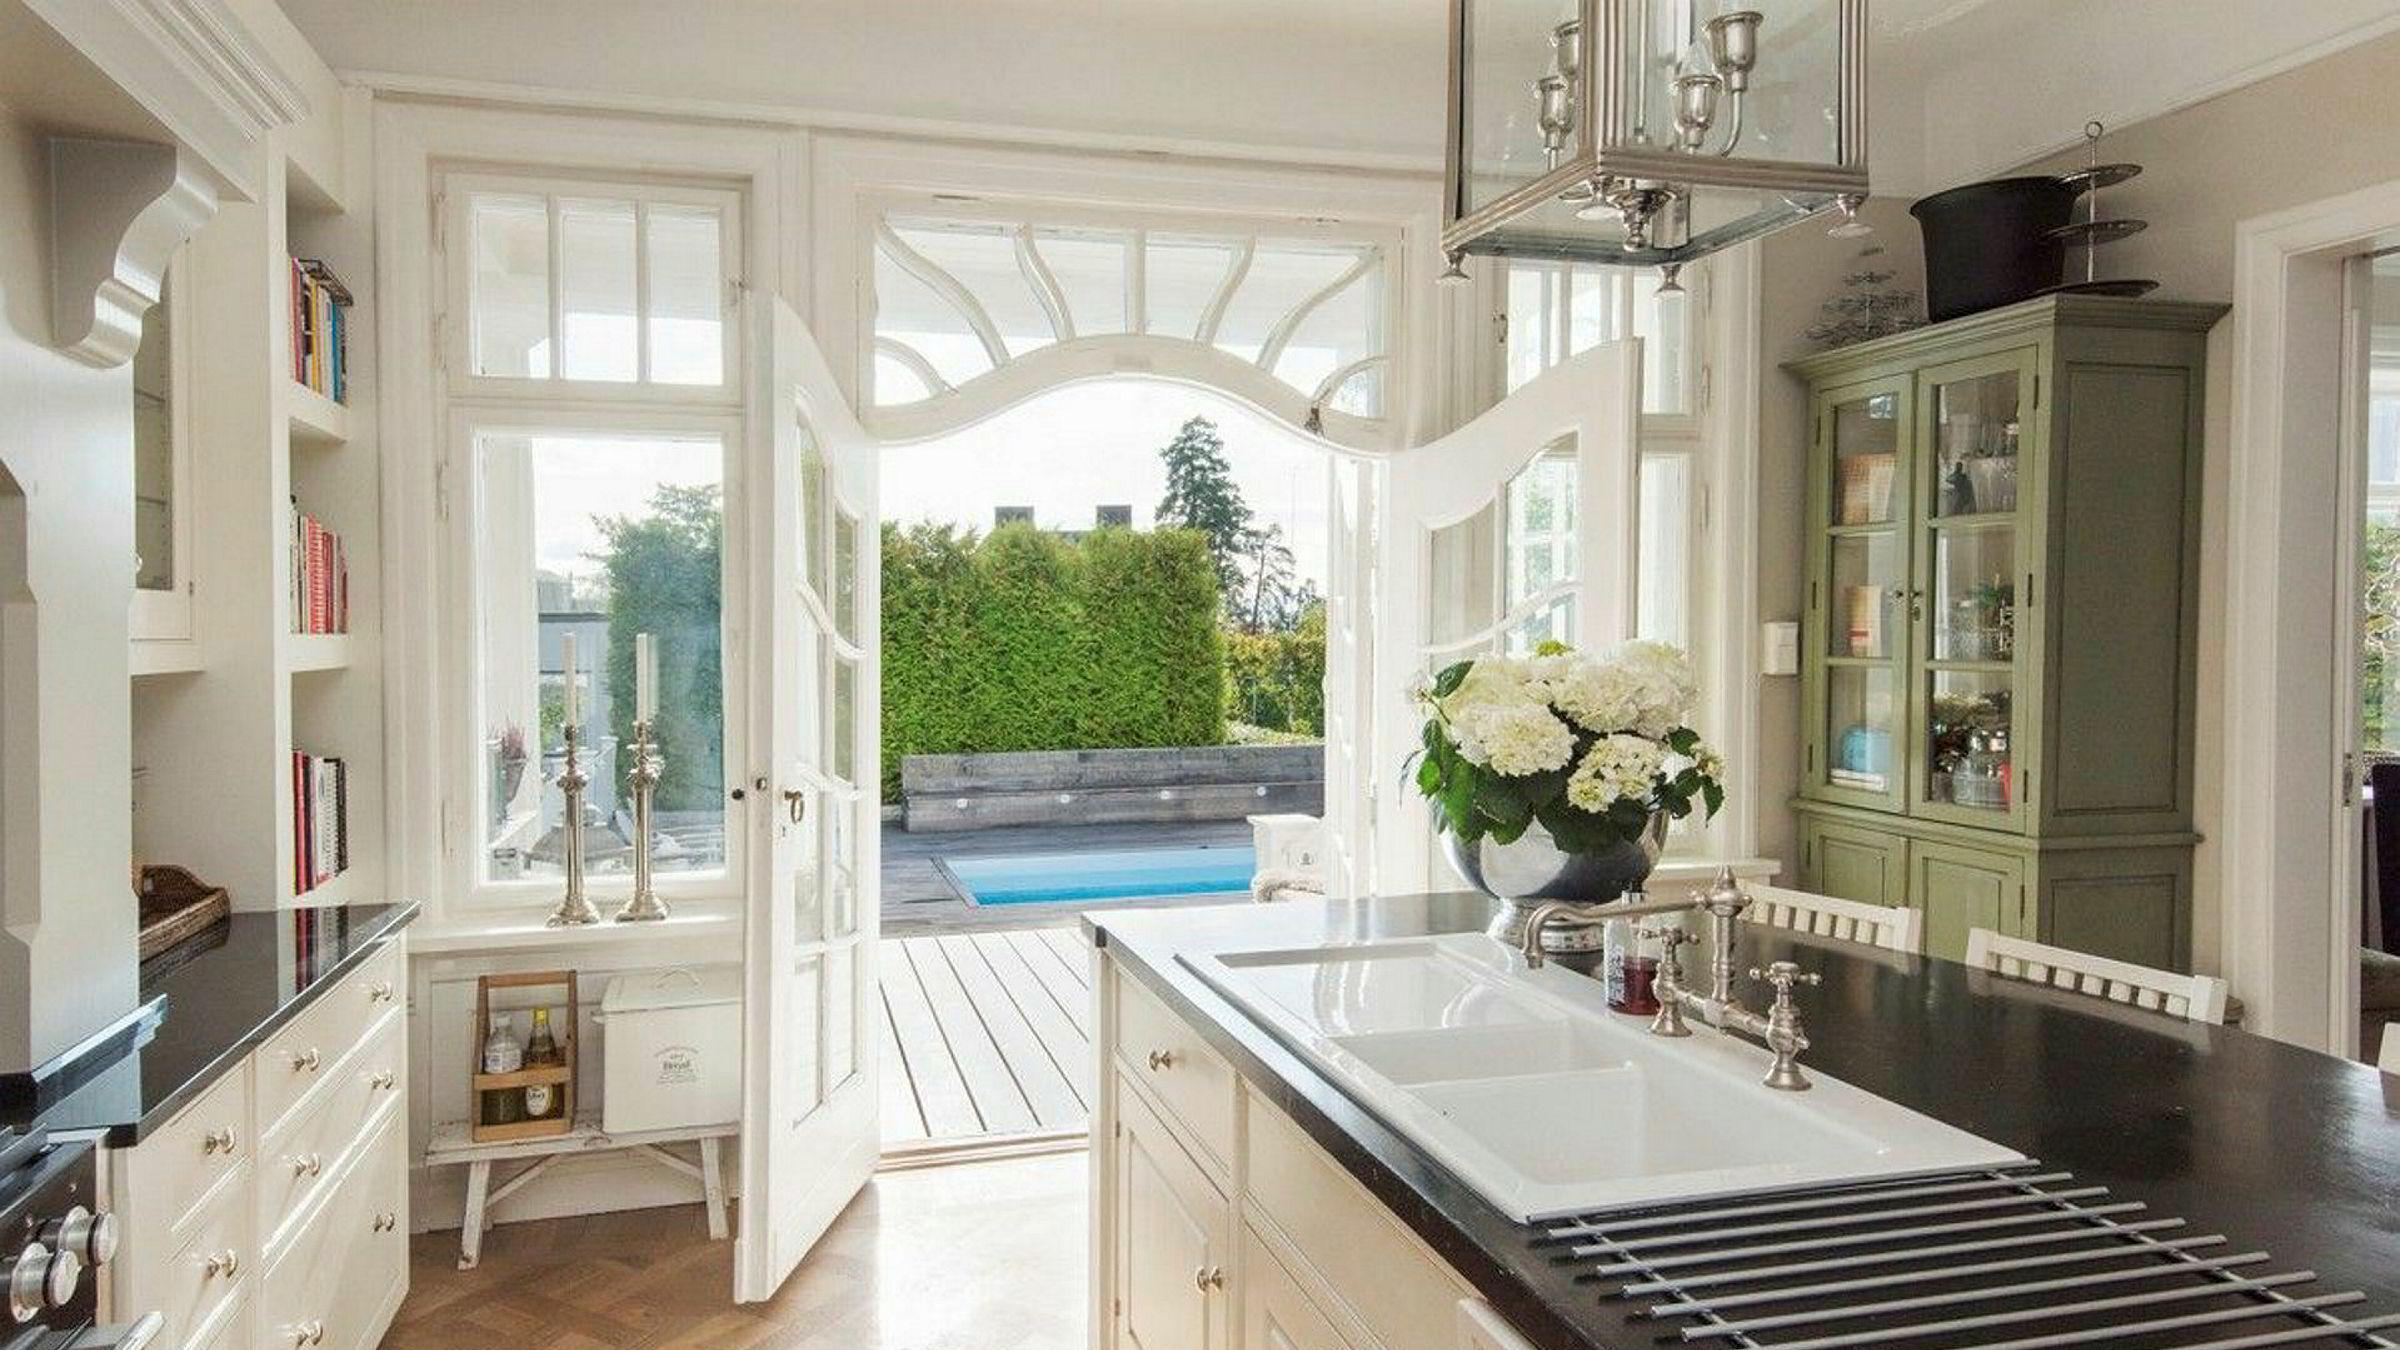 Anita Krohn Traaseth selger huset på Bestum. Siden kjøpet i 2012 er blant annet kjøkkenet pusset opp, og det er oppført svømmebasseng på uteområdet.